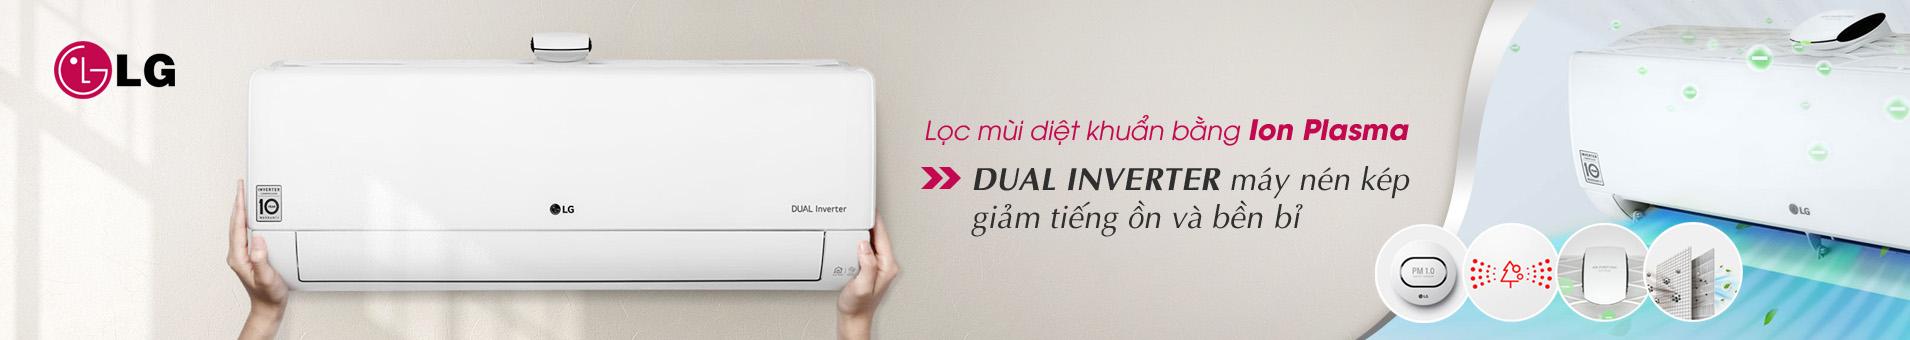 Máy lạnh LG - Điều hòa LG